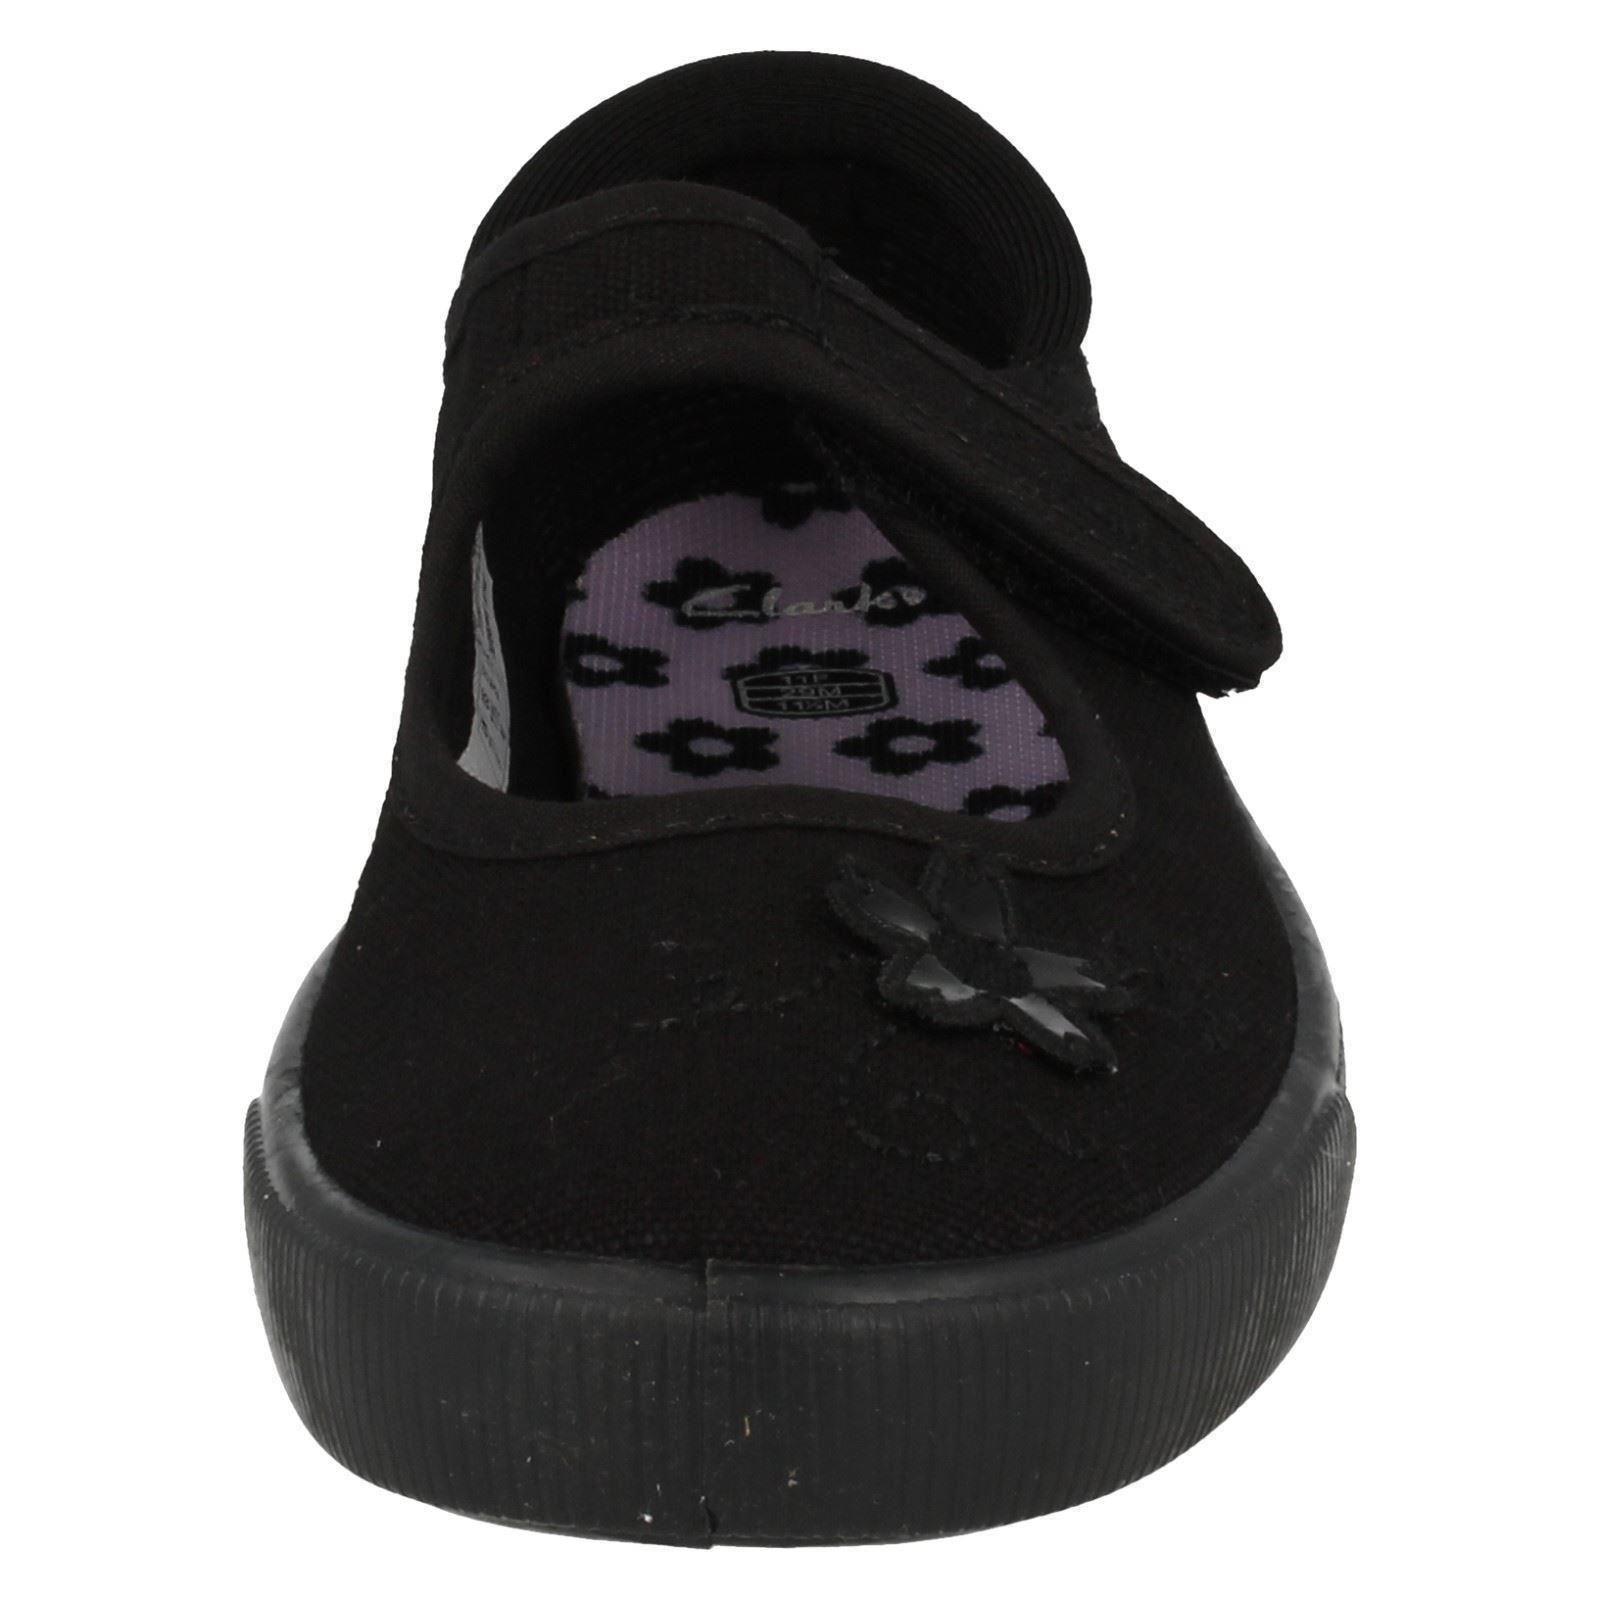 Infantil y Junior Girls Clarks's redondeado del dedo del pie bombas ideal para PE-Tolva ir